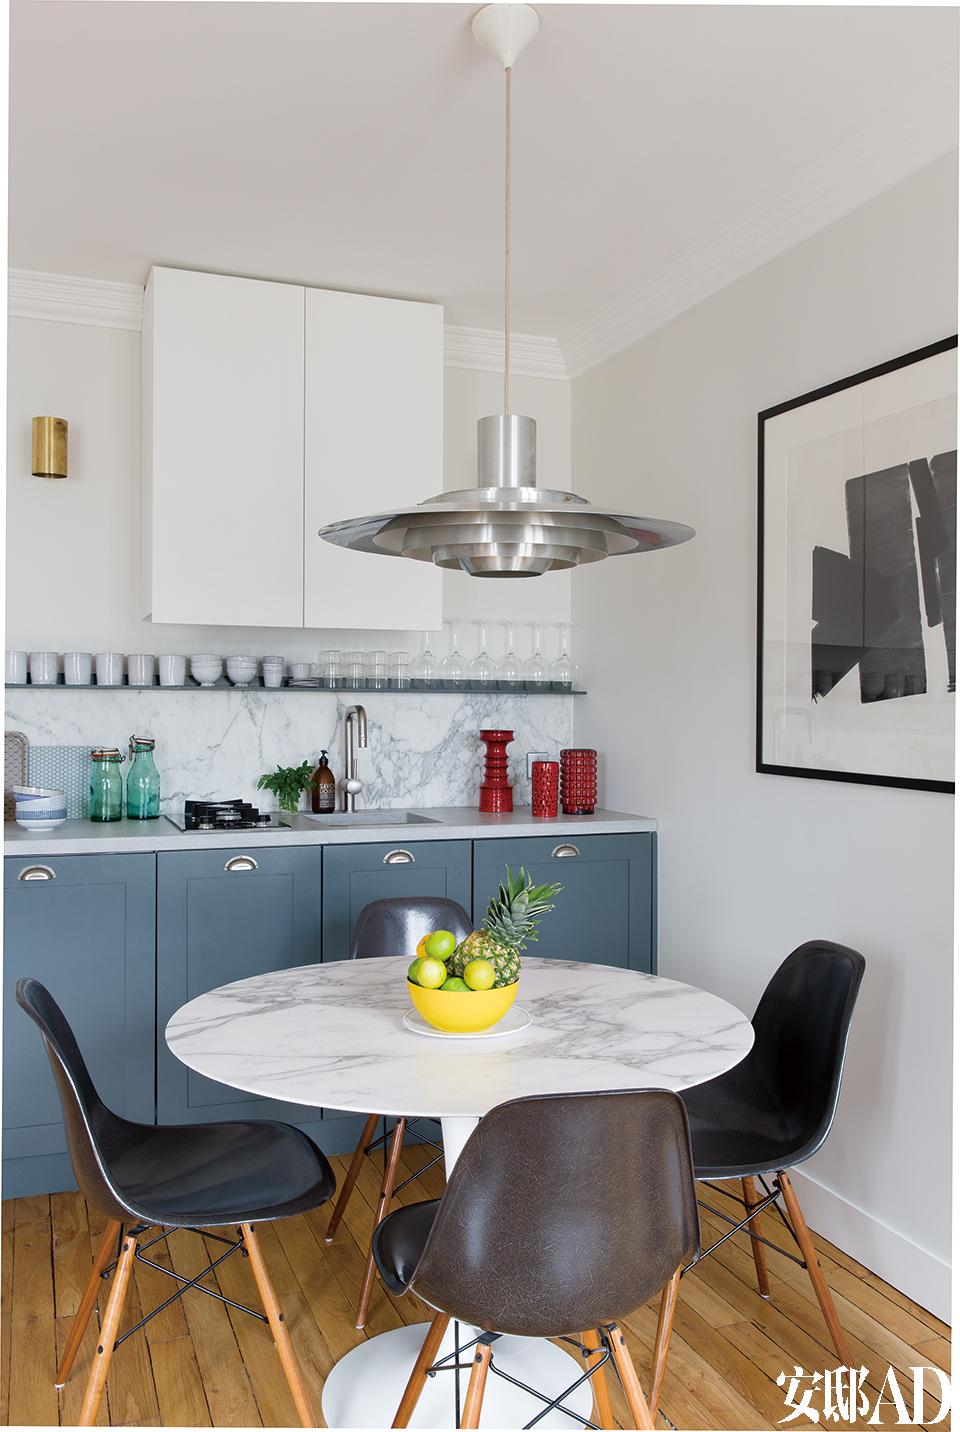 """吊柜被喷涂成了与墙体相同的白色。""""让越多的东西'消失'在房间里,你就会获得越大的空间感。""""餐厅和厨房区,Tulip餐桌由Eero Saarinen设计,原版的Eames DSW餐椅来自马赛的Atelier 159,磨砂铝制吊灯由Preben Fabricius 和Jorgen Kastholm设计于1965年,购自巴黎的Galerie Espaces 54。定制厨房是Christophe自己设计的,橱柜门由MDF制作,喷涂了Farrow & Ball漆。水泥操作台面上有3只20世纪60年代的红色意大利和德国花瓶,防溅板选用了大理石材质。"""